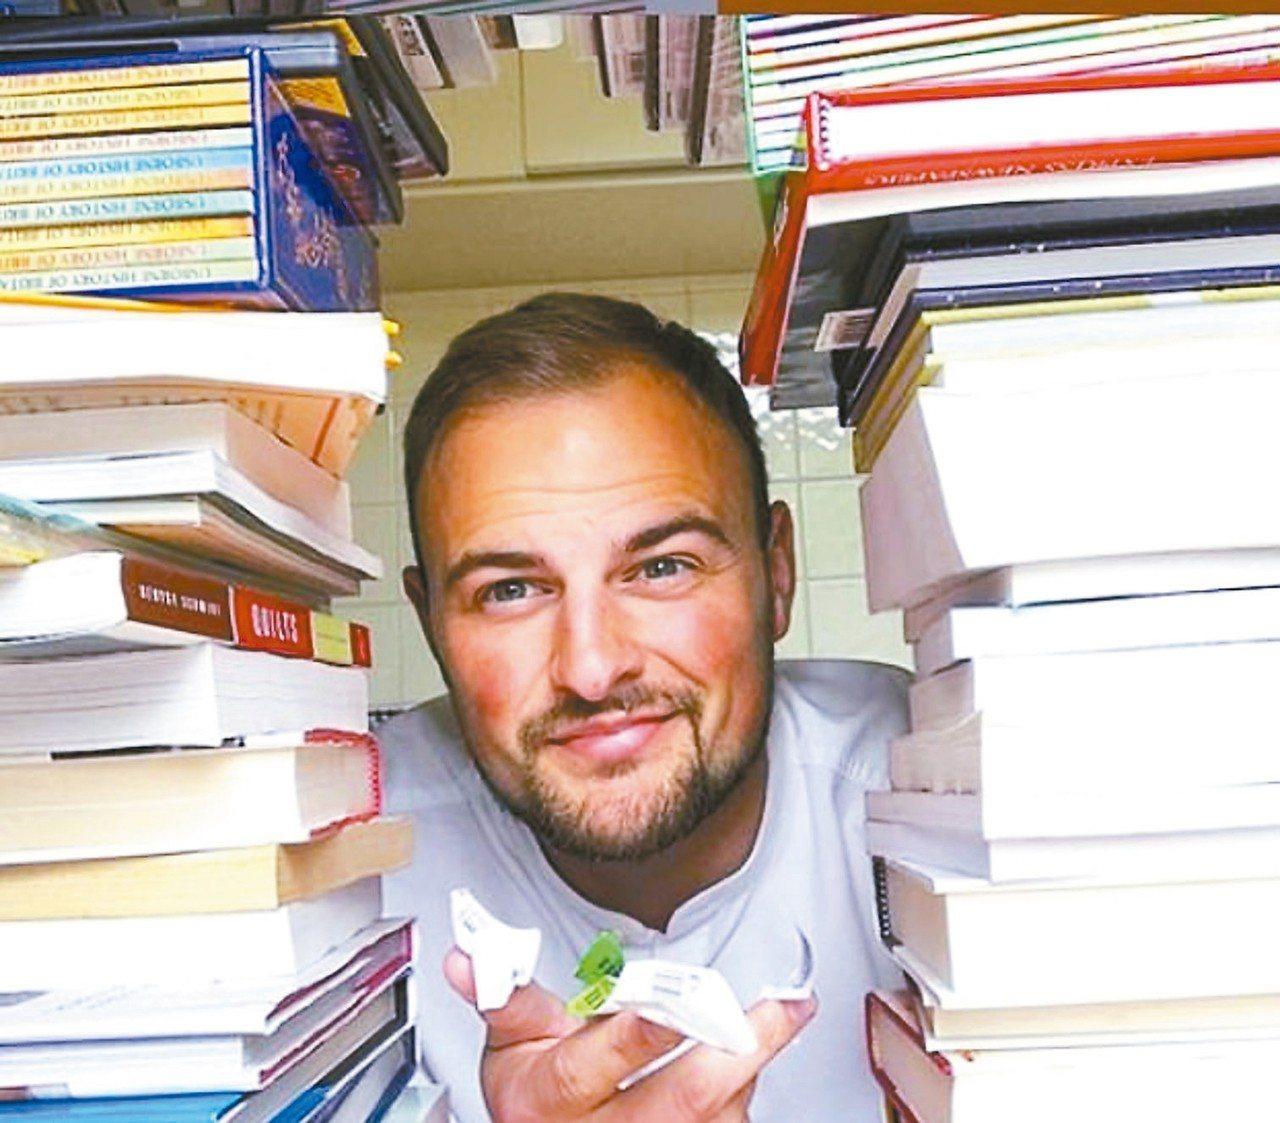 英國26歲老師斯托特在網路賣二手書,1年進帳4.2萬英鎊(約台幣167萬元)。 ...